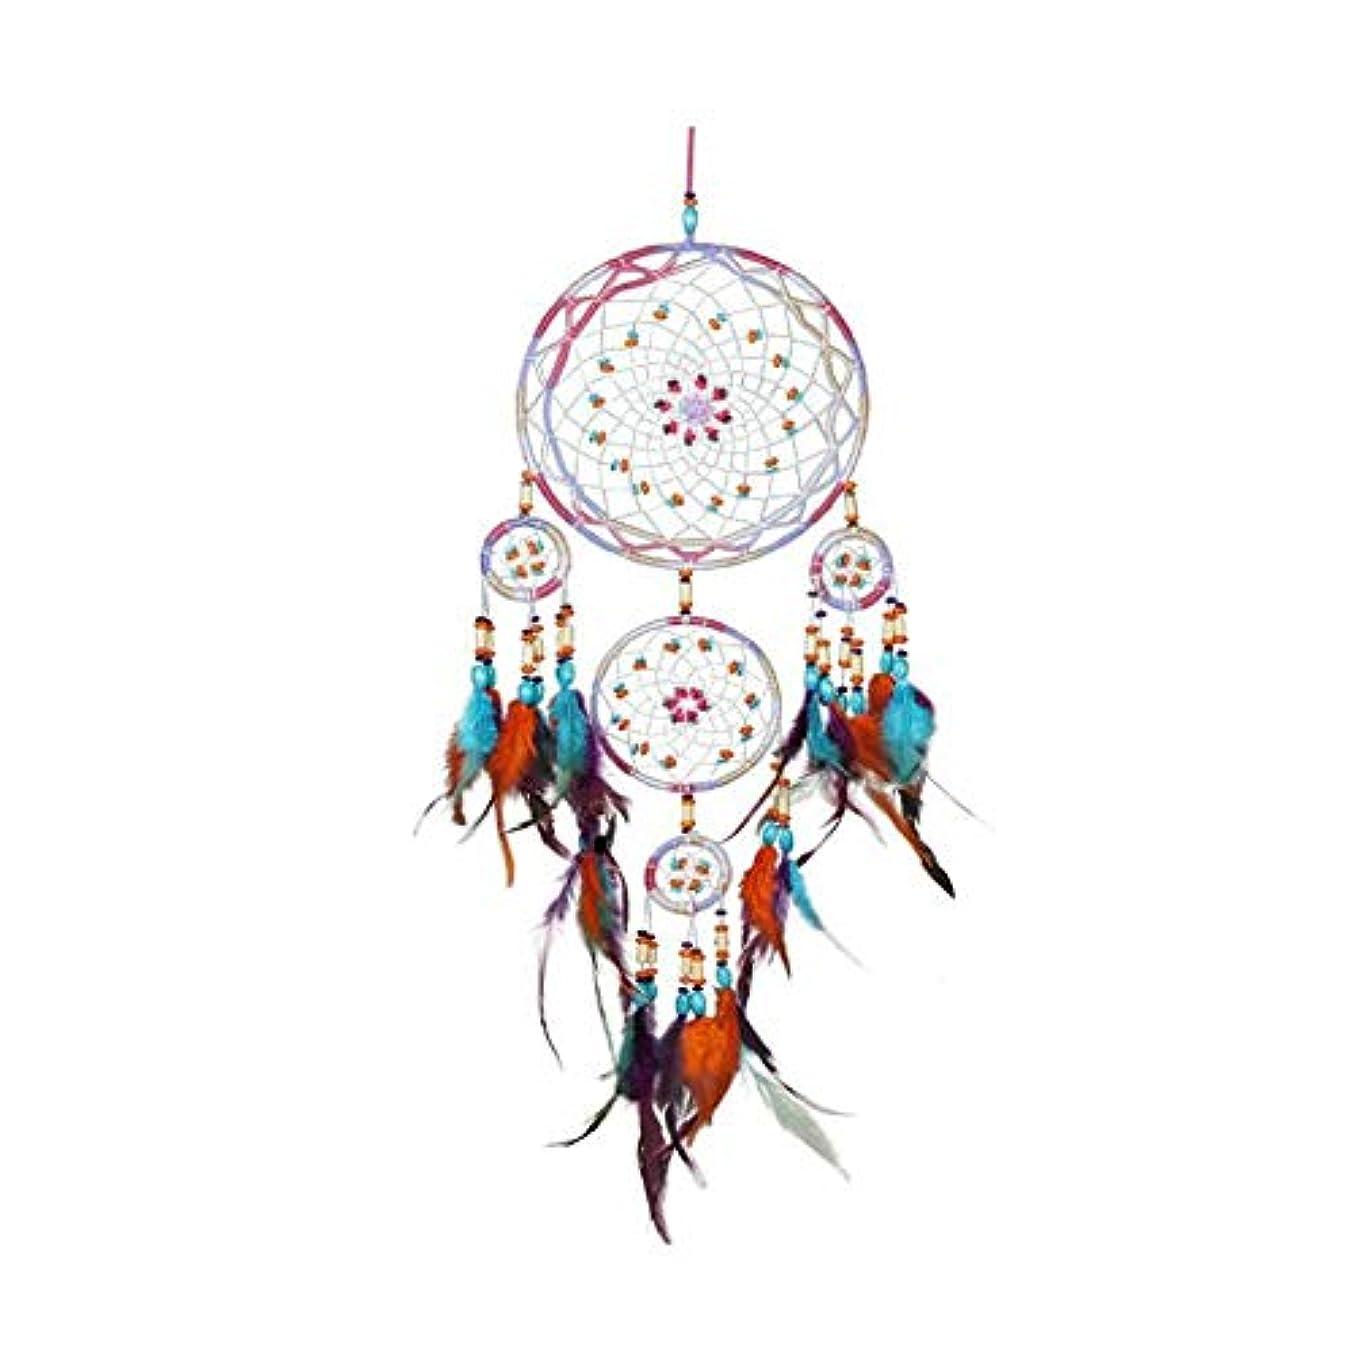 赤道いらいらさせるブレンド風チャイム、手作りファイブリング風チャイム、パープル、全長約50CM (Color : Color, Size : 50cm)